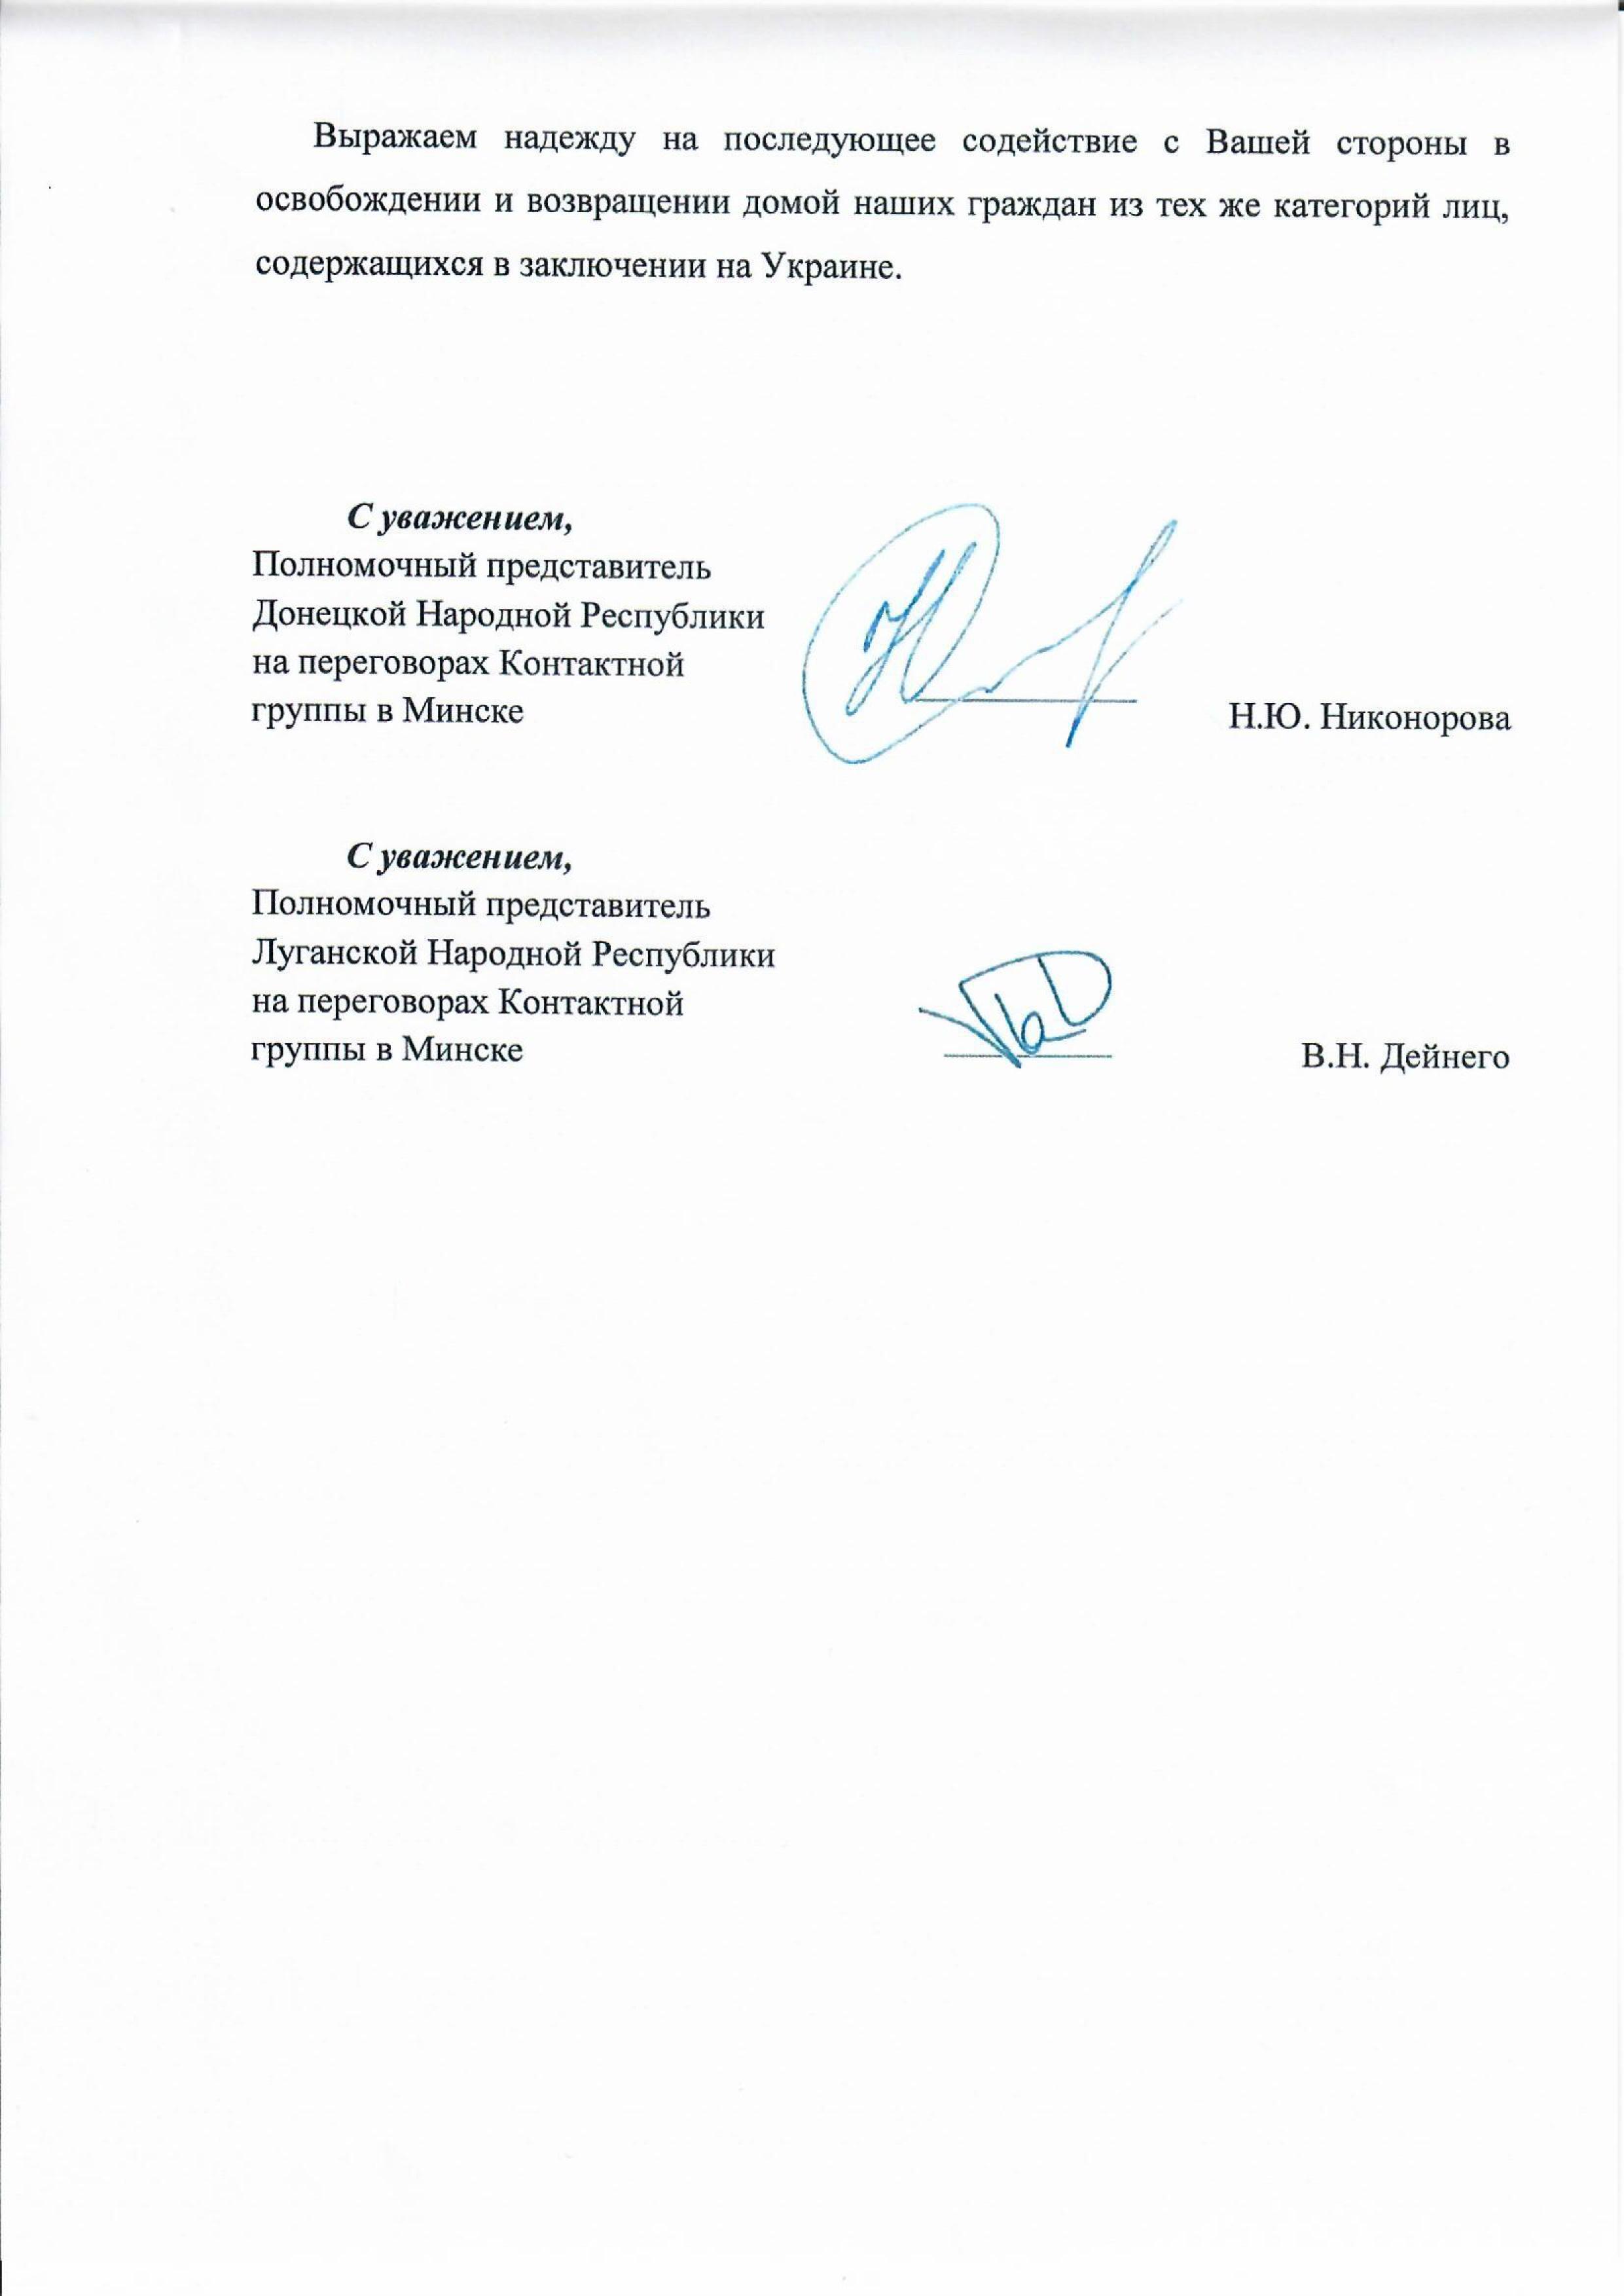 Джангиров: Власть пакостит Медведчуку, чтобы не дать ему забрать из ОРДЛО удерживаемых там женщин - фото 5